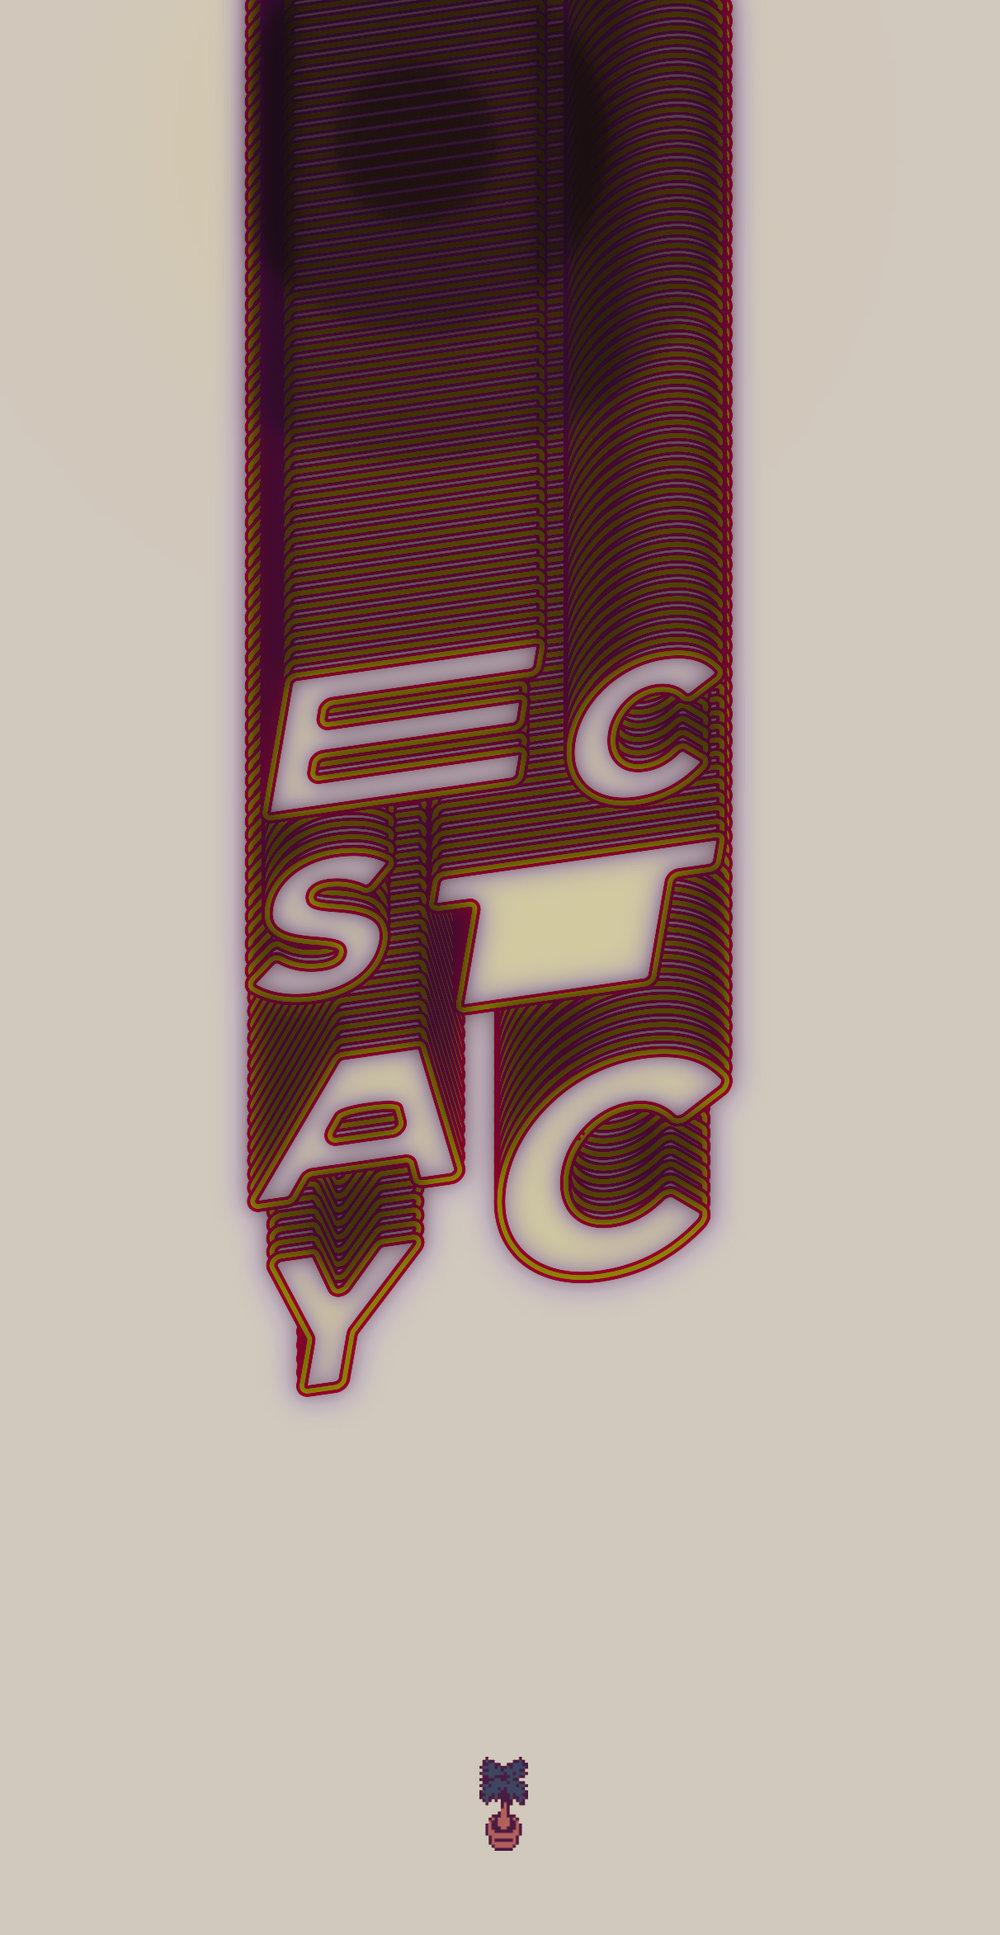 ecstacy.jpg